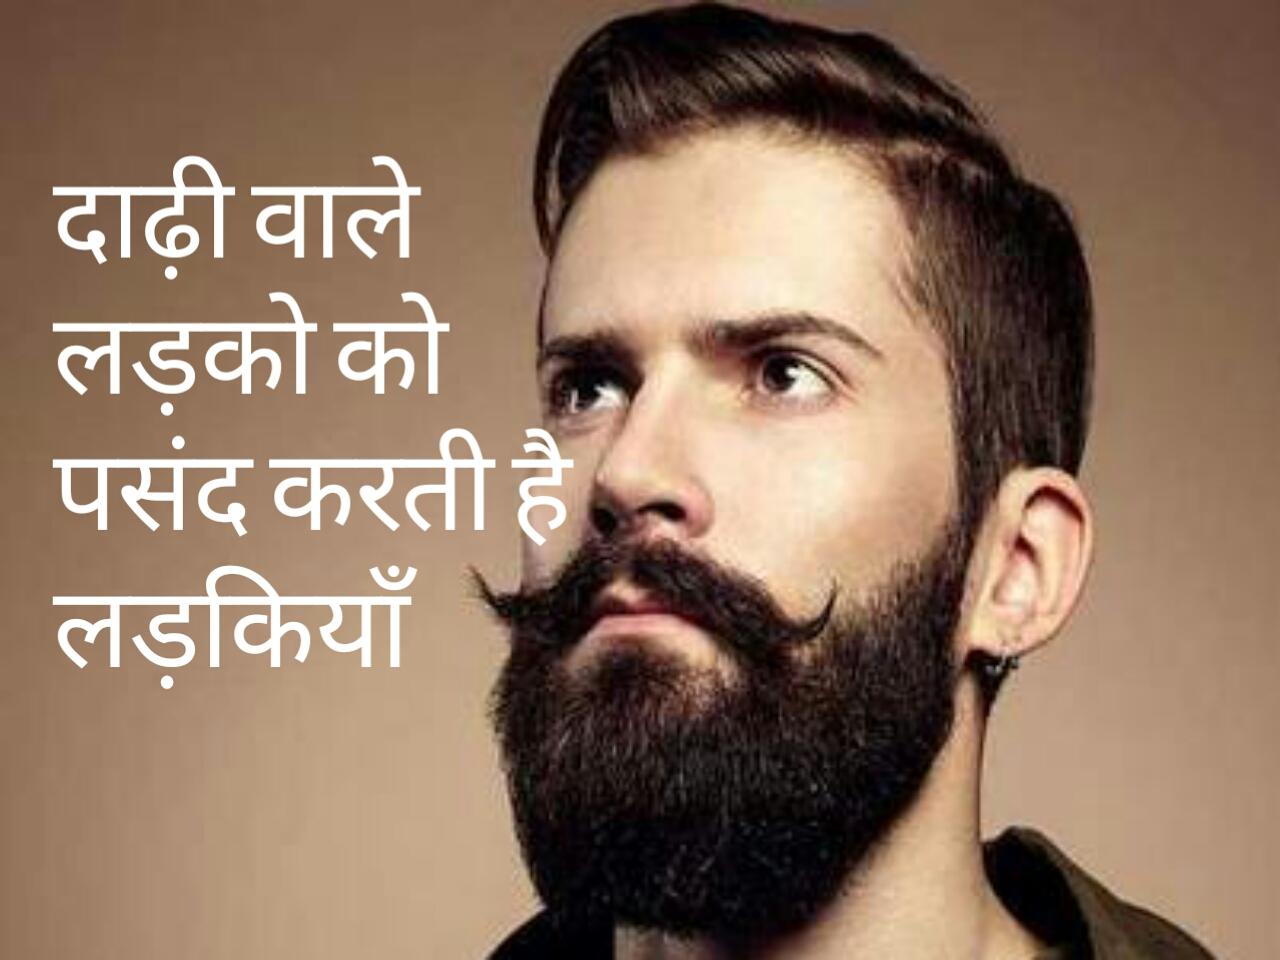 दाढ़ी रखने के फायदे